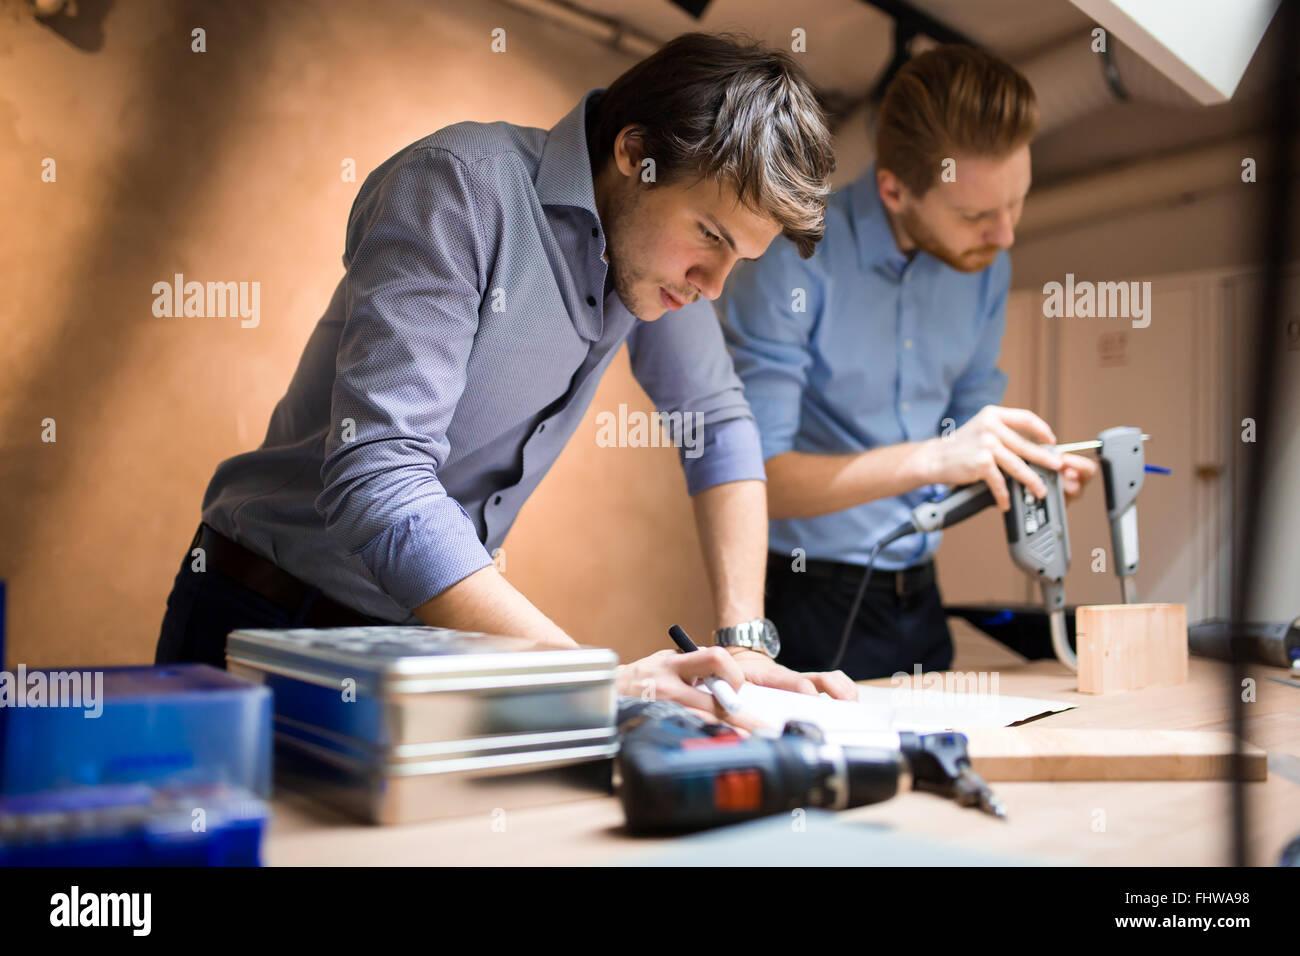 La planification industrielle en atelier par les créateurs Photo Stock